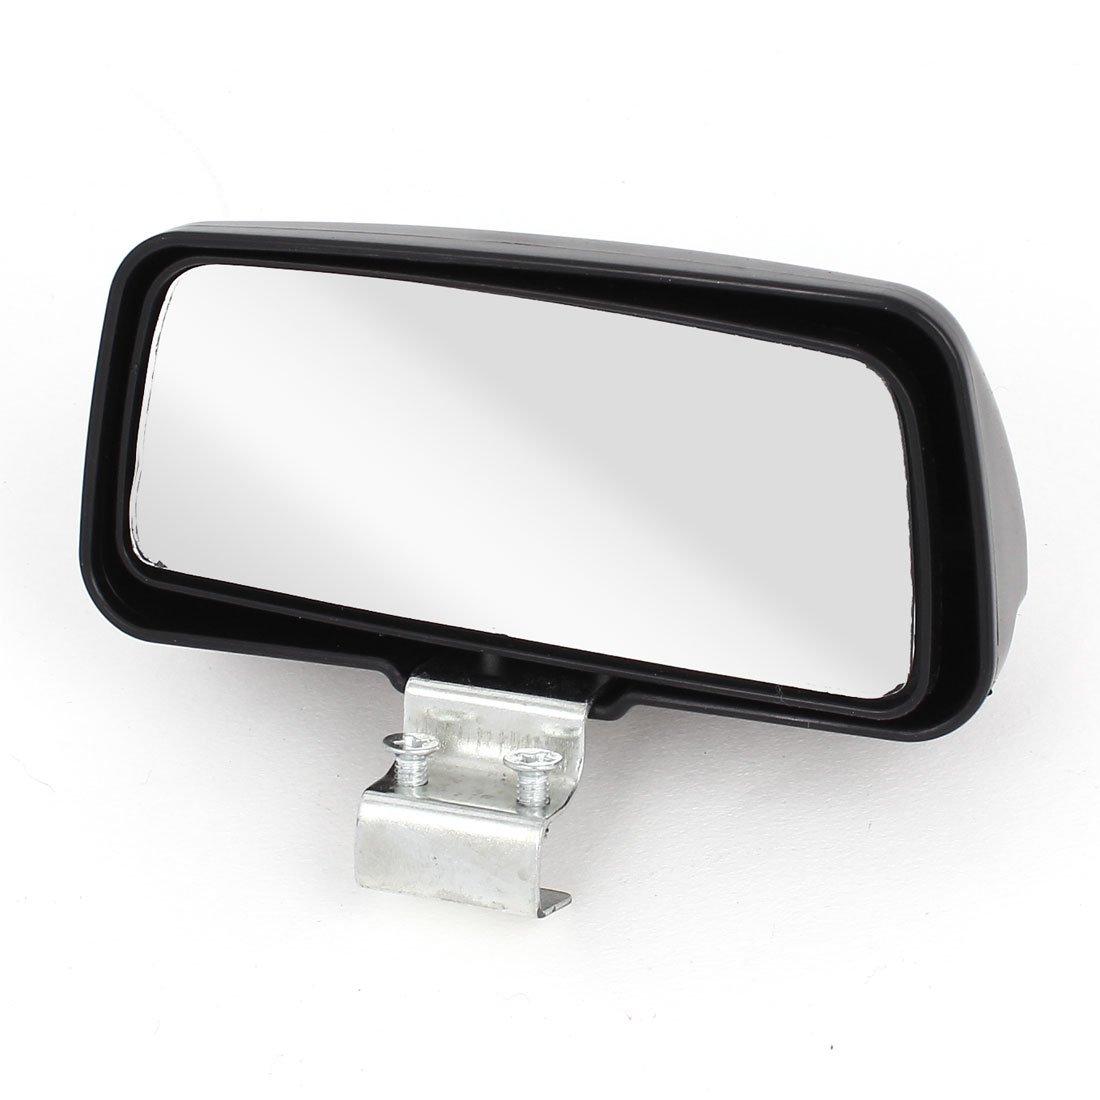 Sourcingmap Auto Rectangle Grand Angle Convexe Ré troviseur Miroir d'angle Mort Noir 11 x 5cm a14110300ux0770